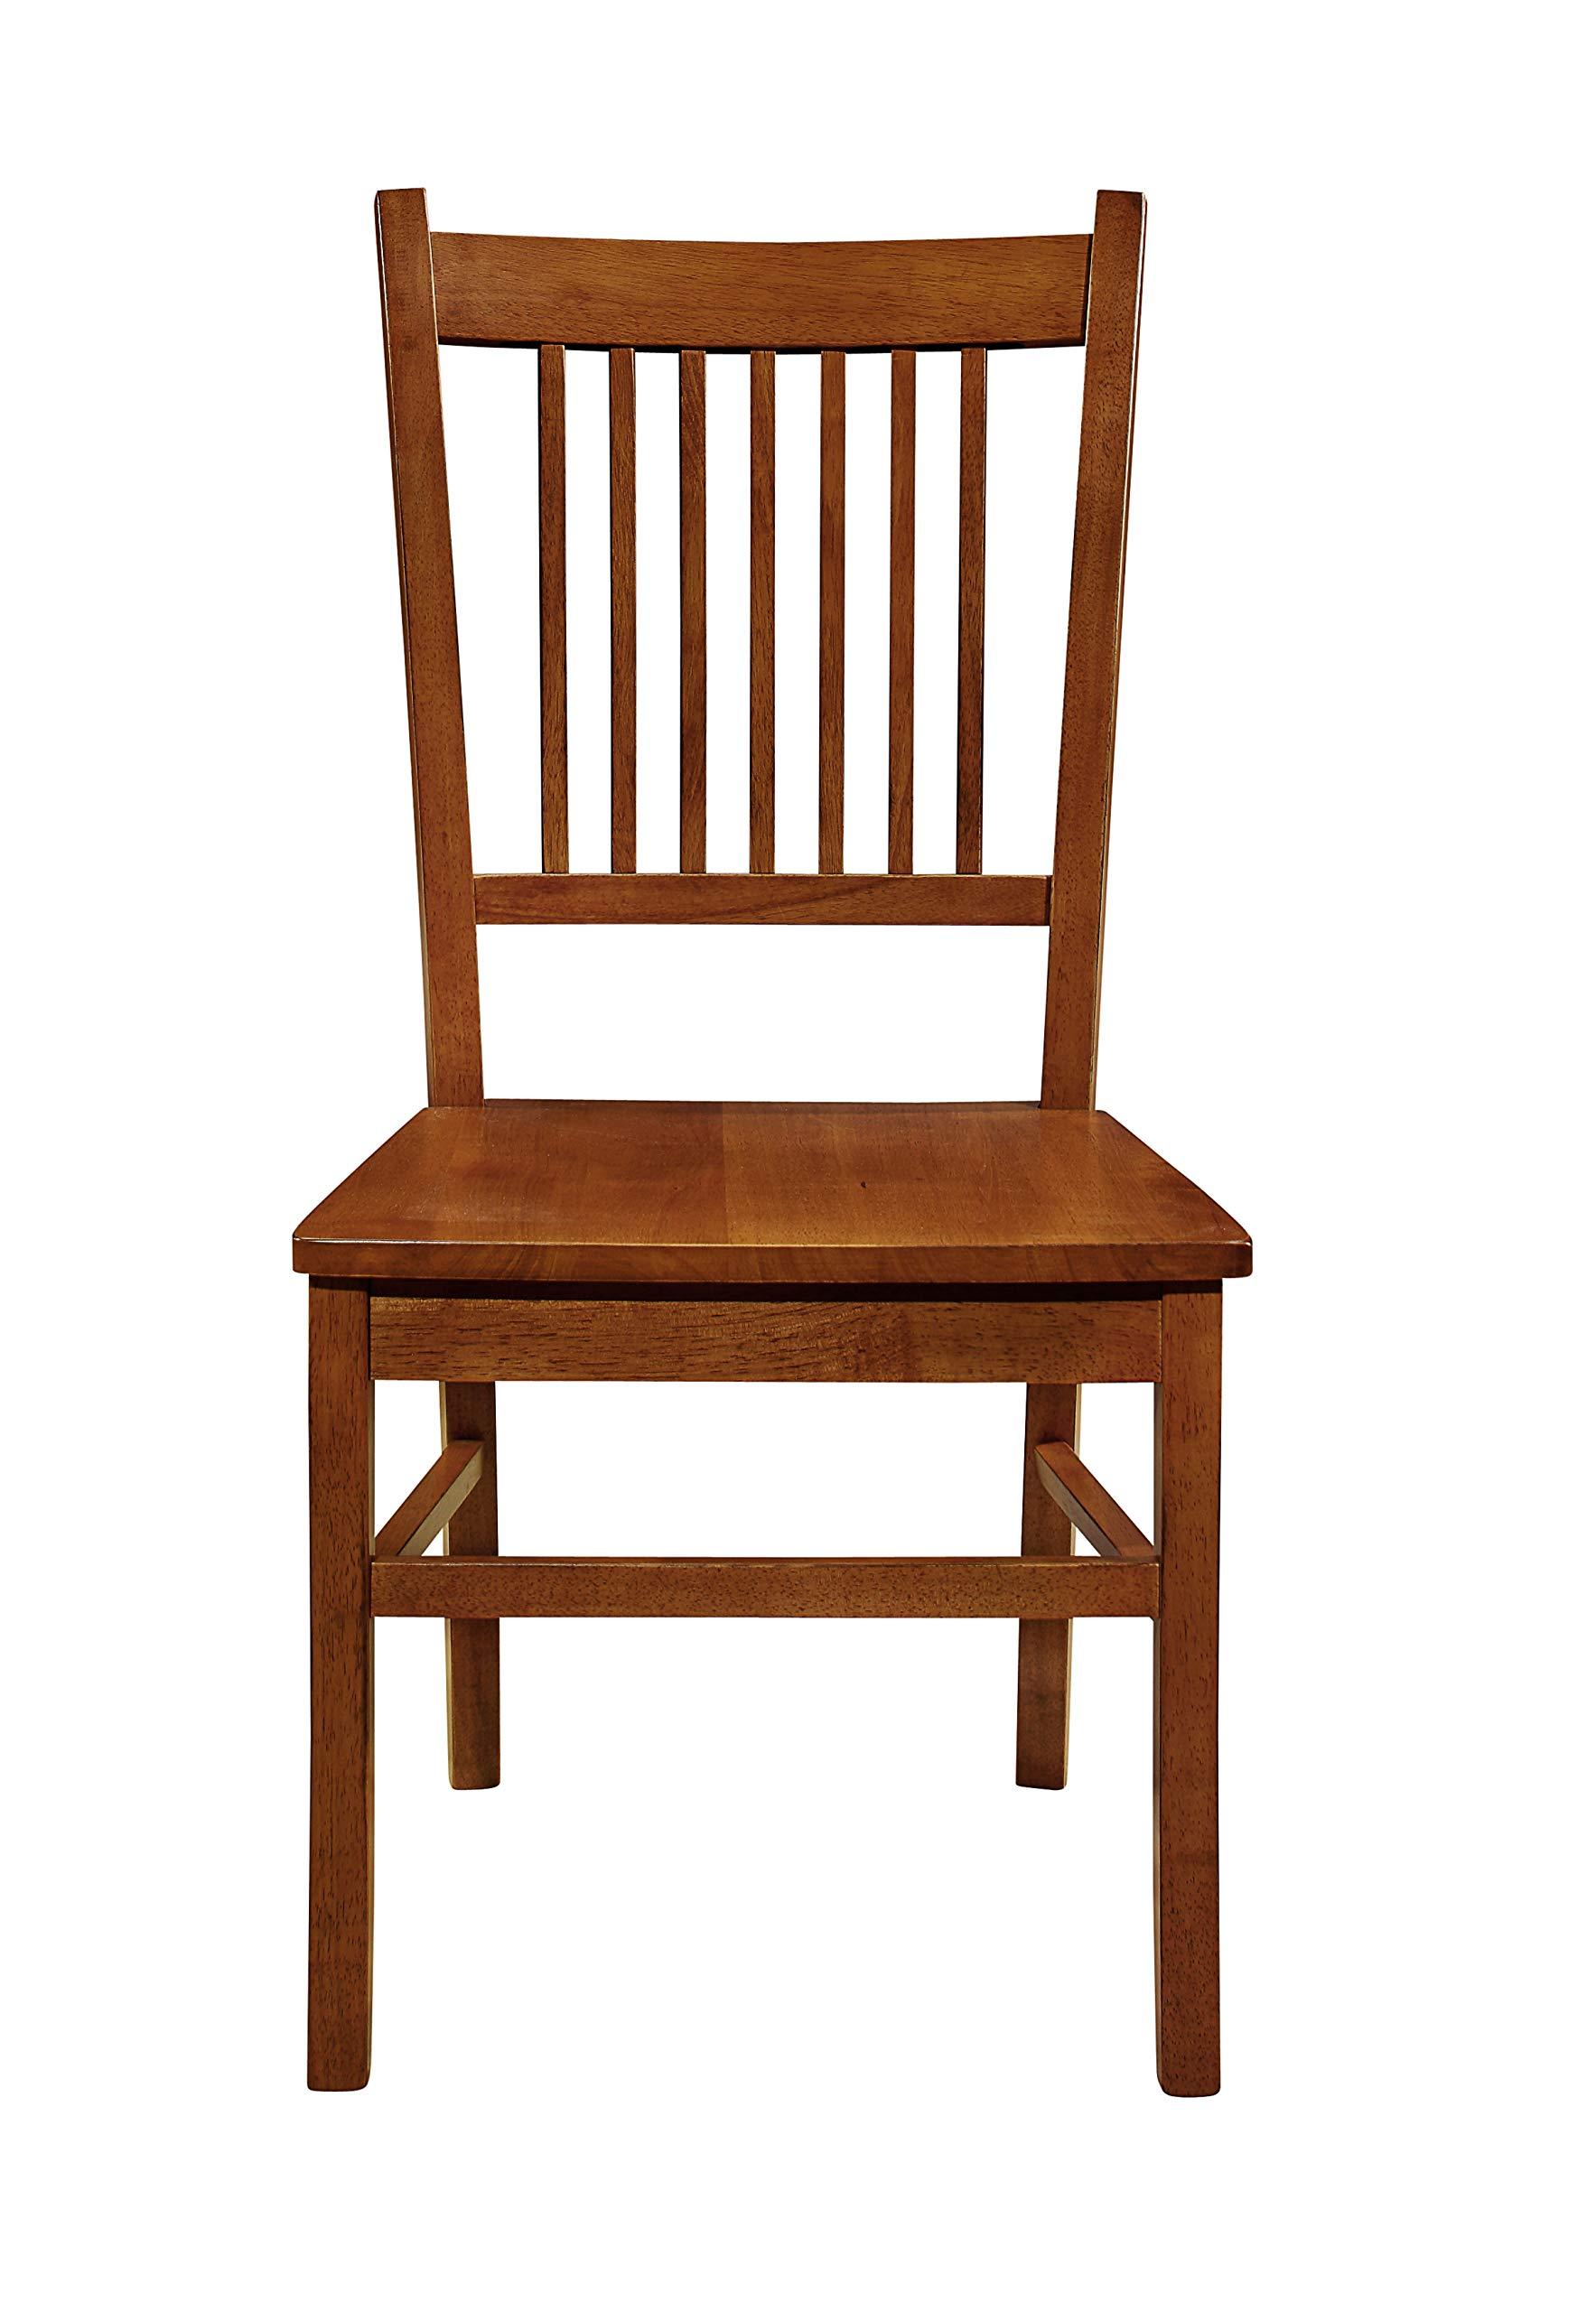 Marbrisa Slat Back Side Chairs Sienna Brown (Set of 2)